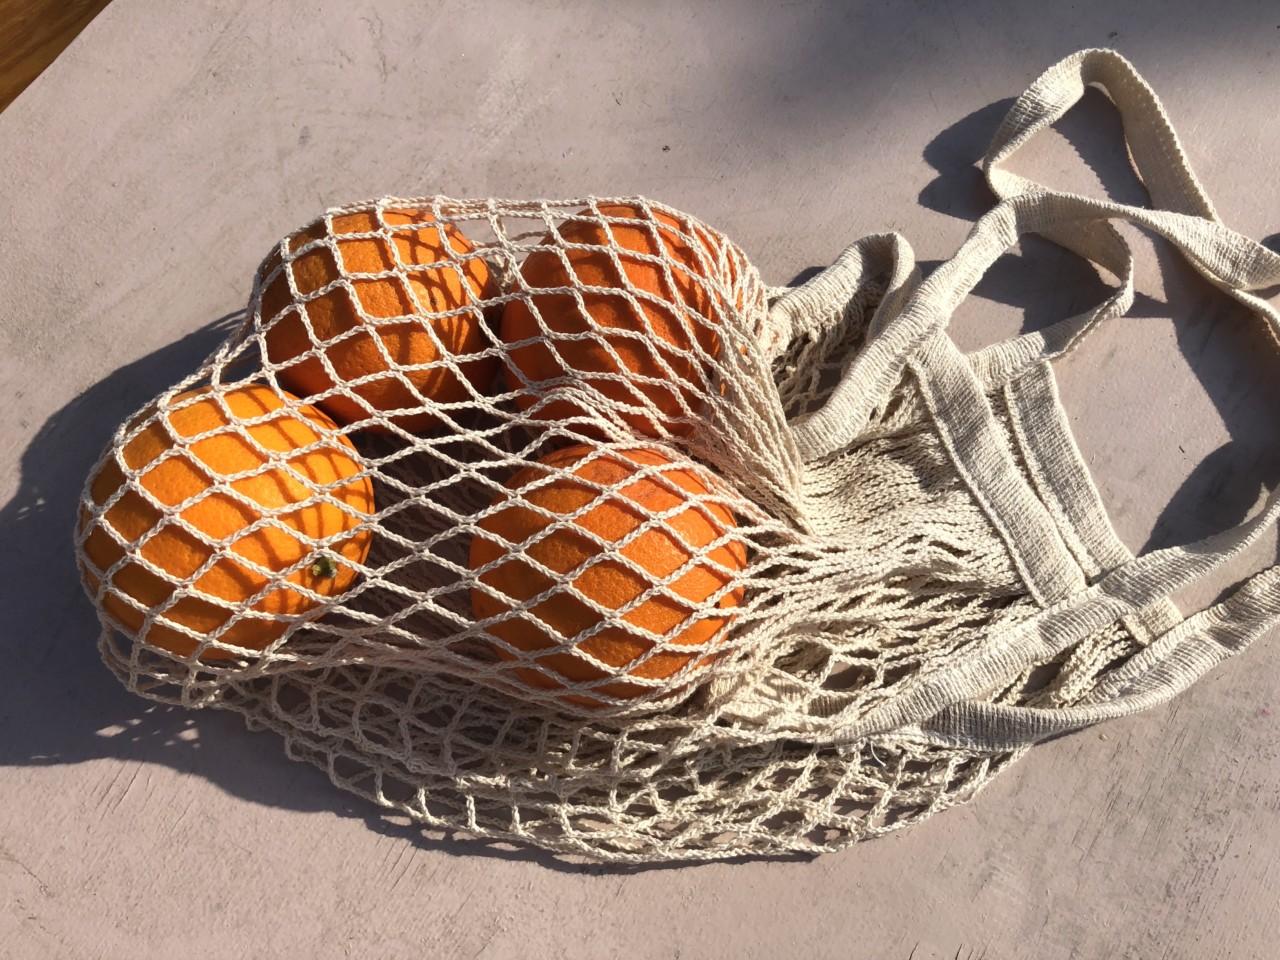 handlenett-baerepose-stringbags-miljovennlig-dropp-plastposen